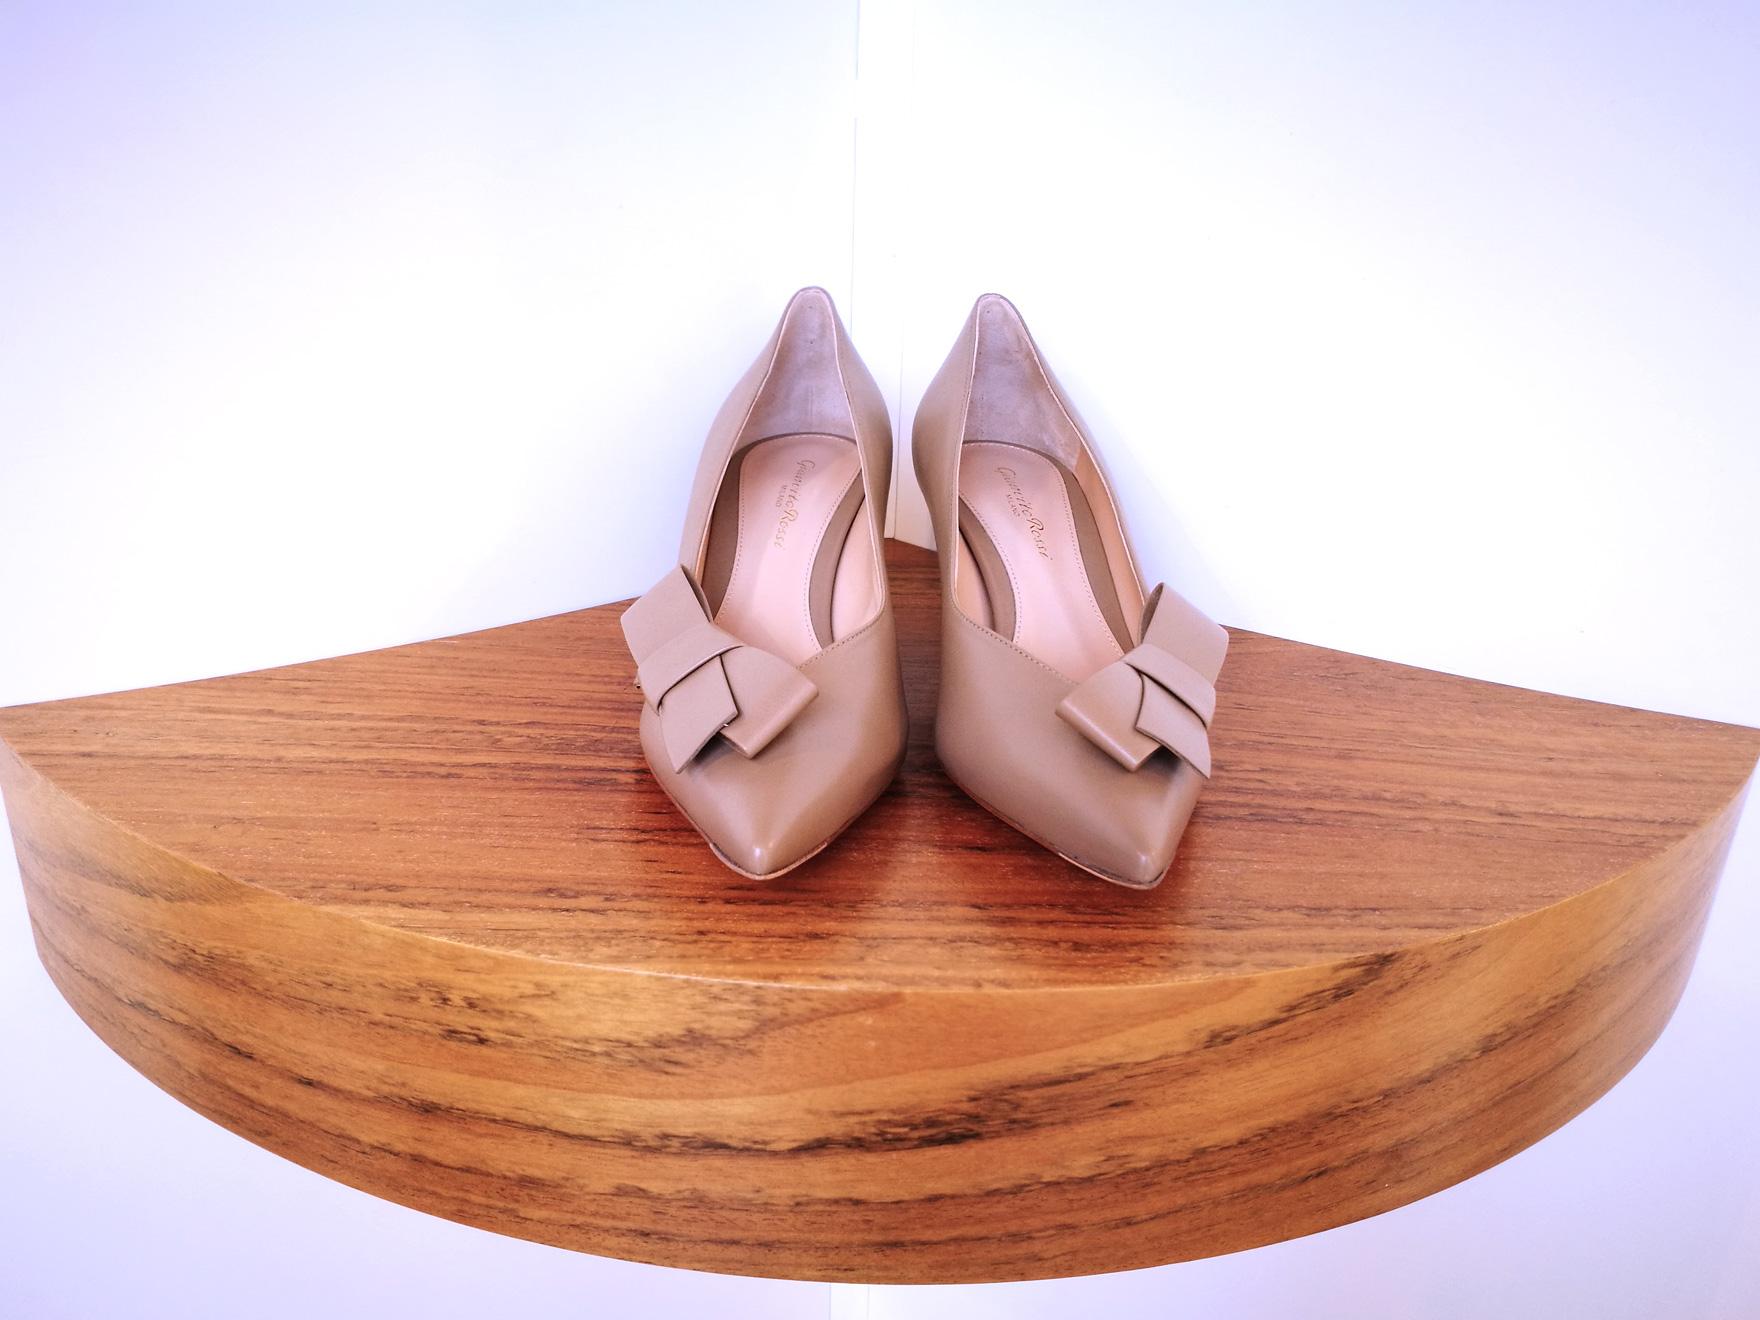 Zapato de salón de GIANVITO ROSSI de napa color nude